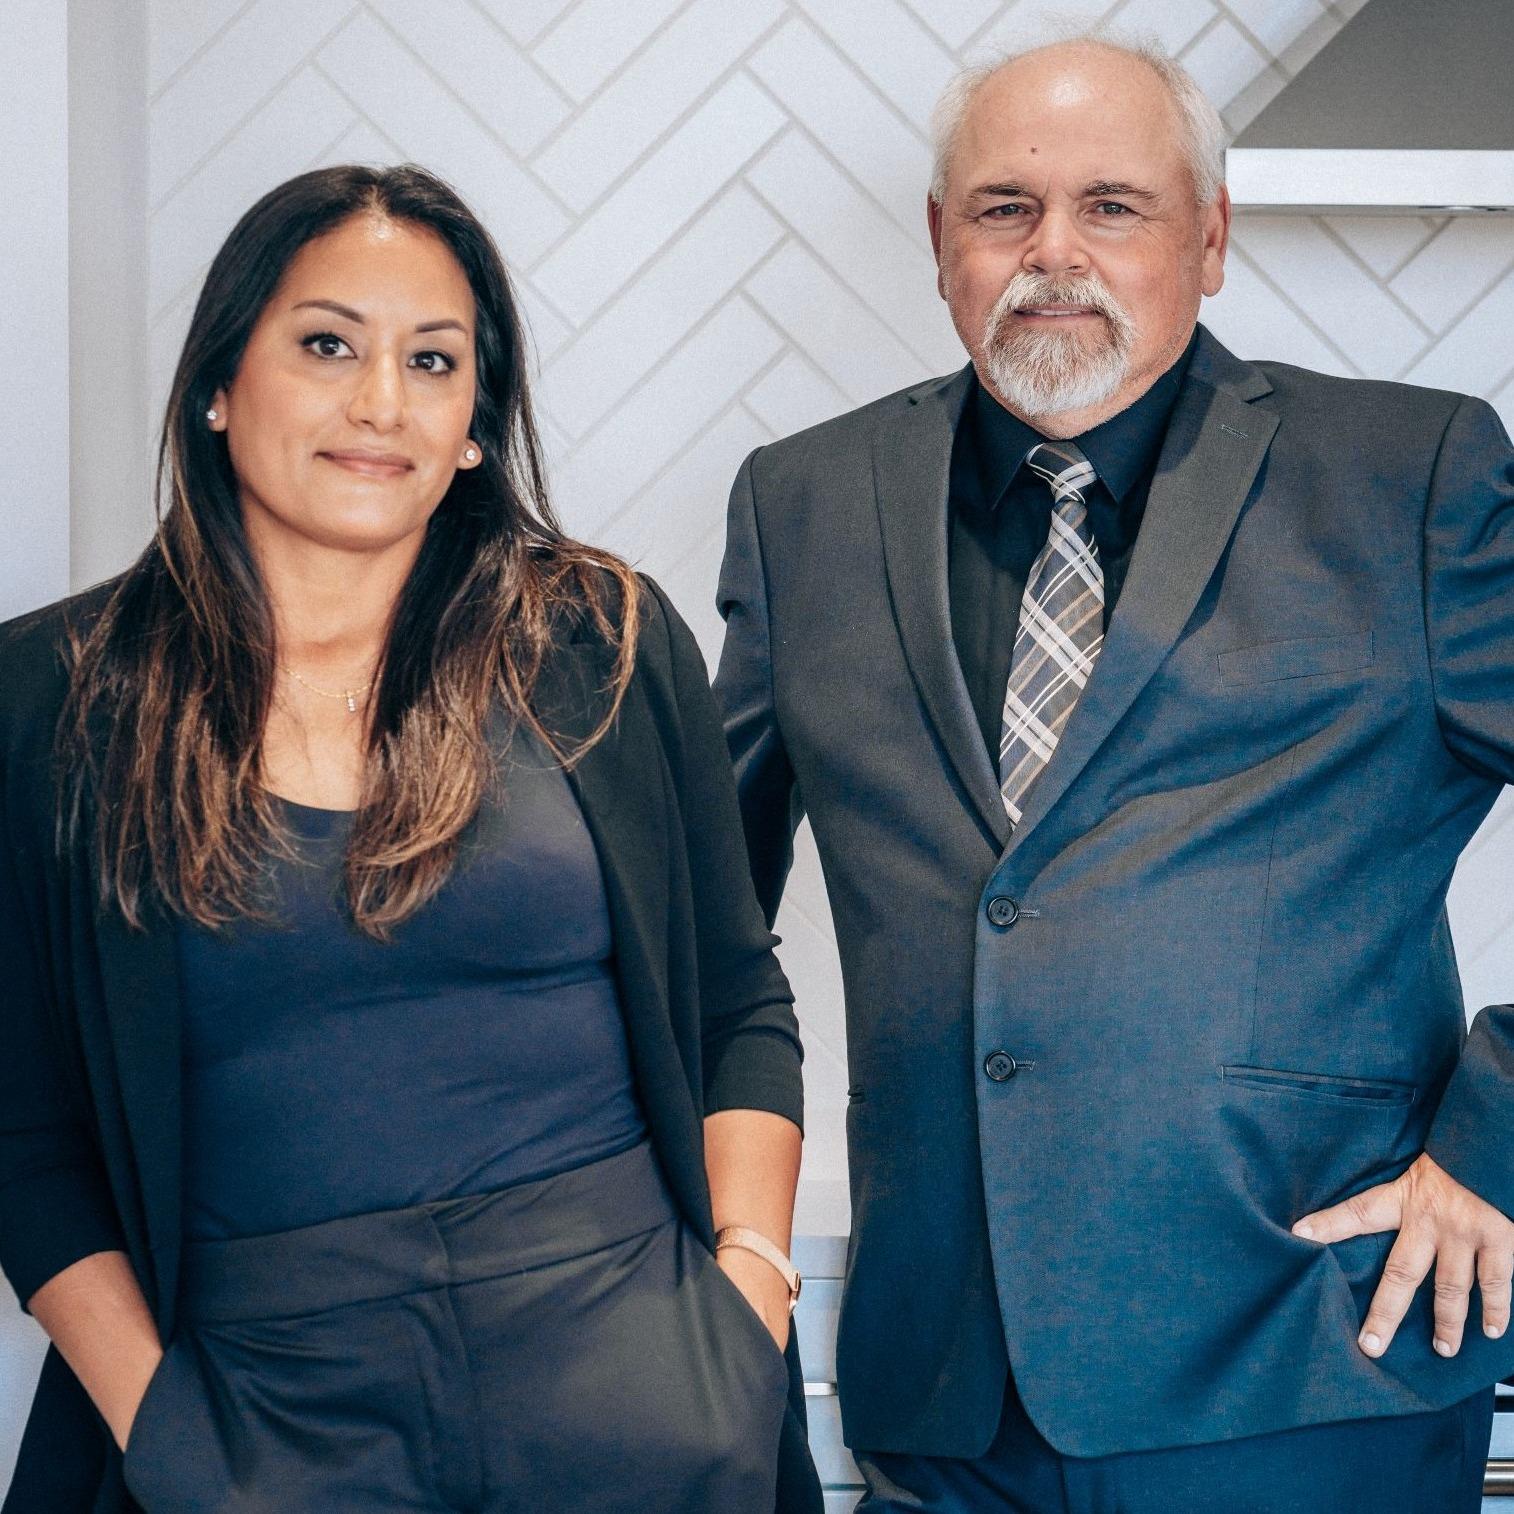 Alan Ediger